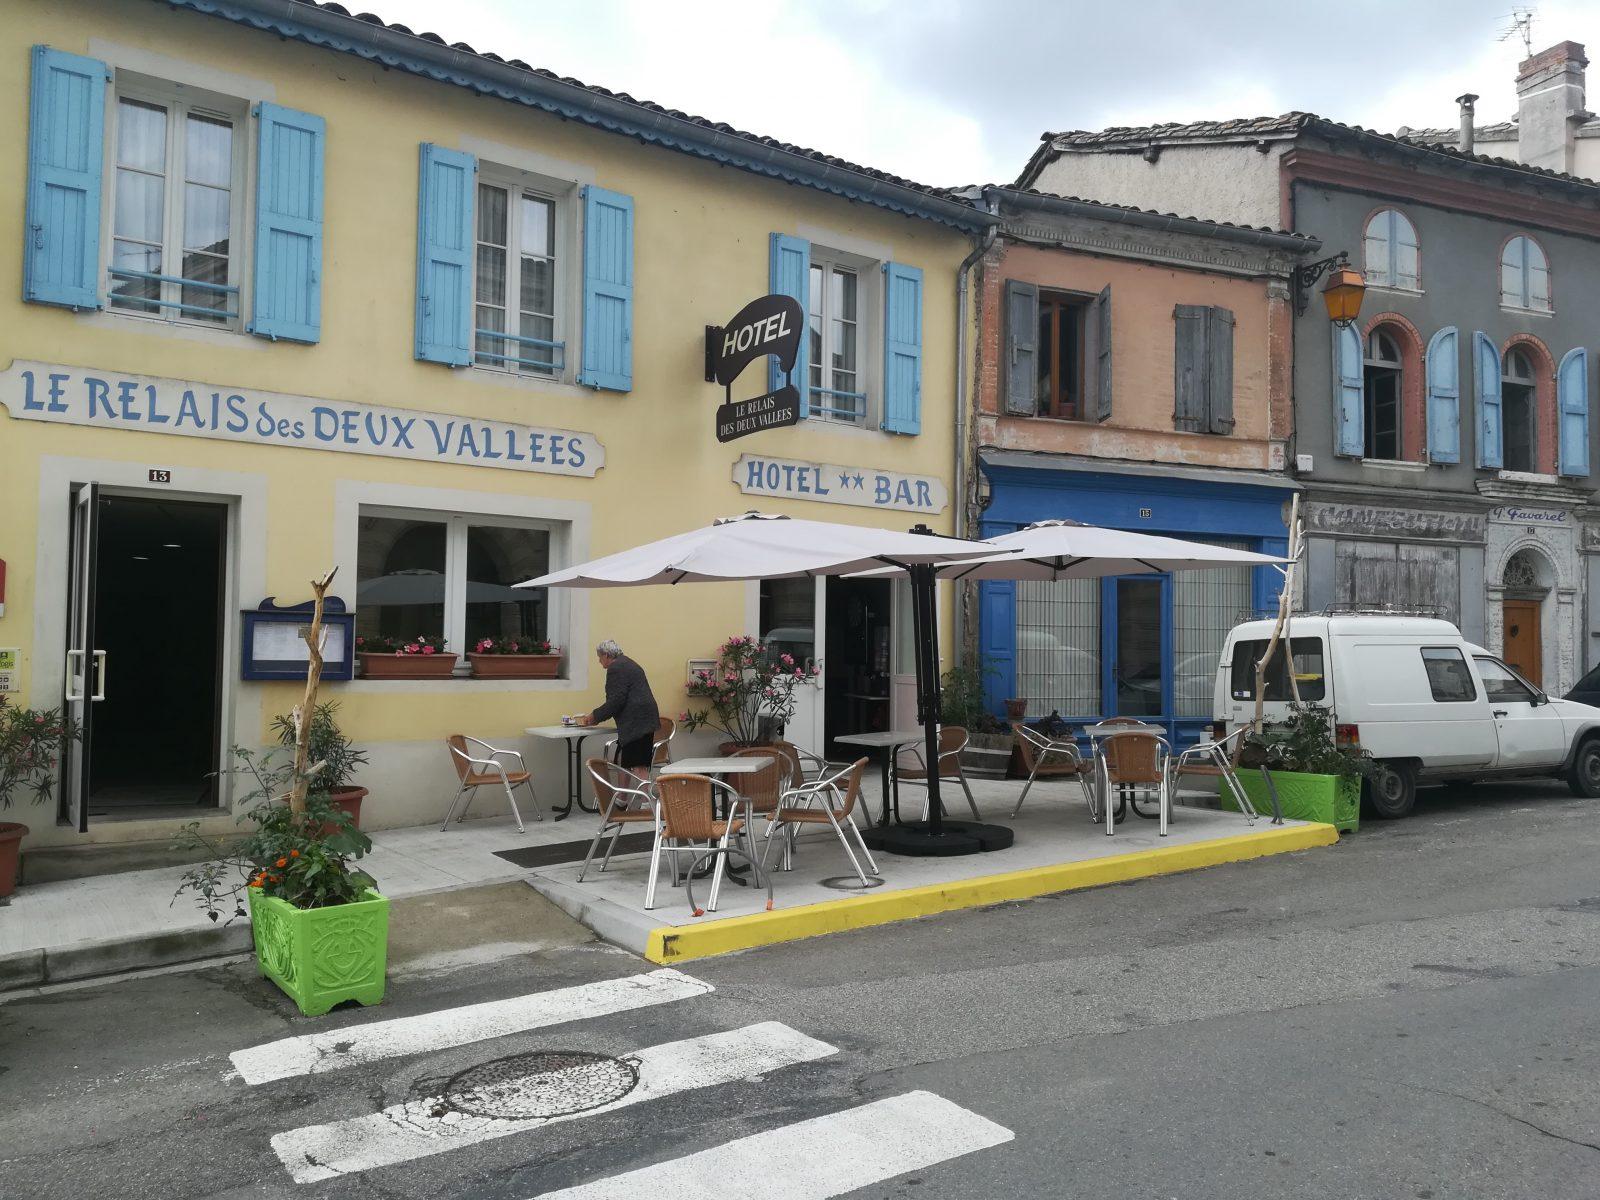 Restaurant Le relais des deux vallées